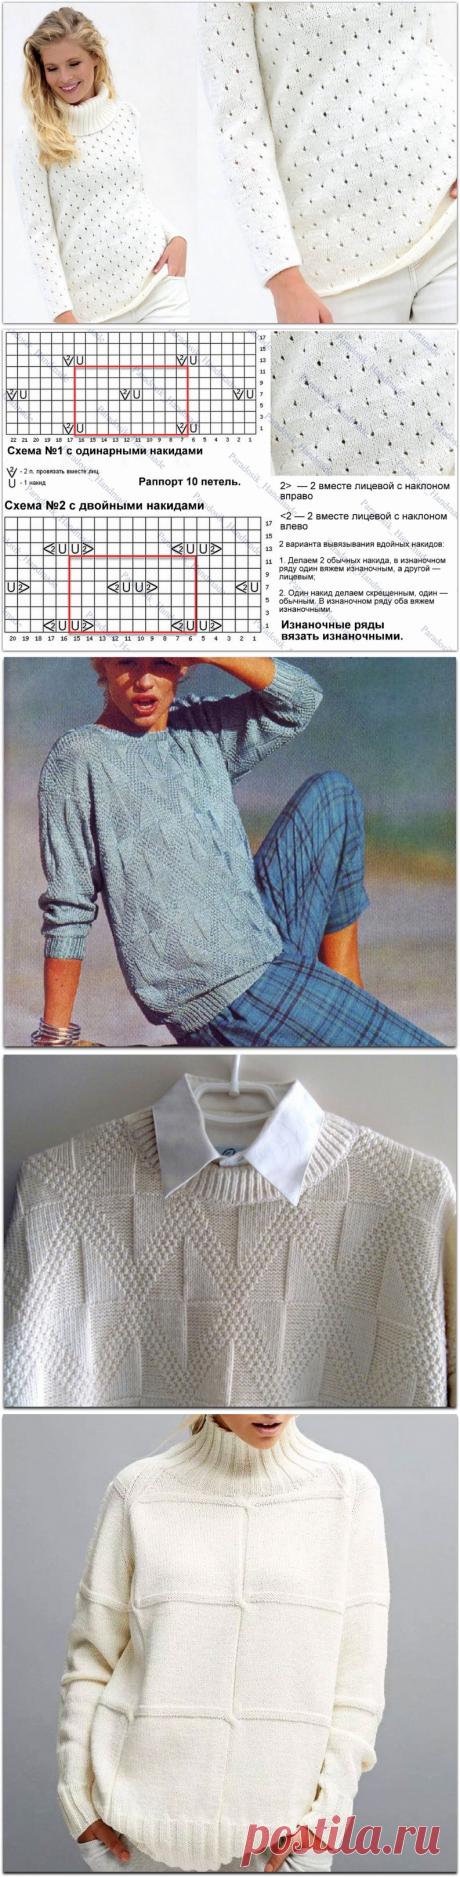 6 белоснежных свитеров для осени и зимы: ажуры, косы и теневые узоры | Paradosik_Handmade | Яндекс Дзен